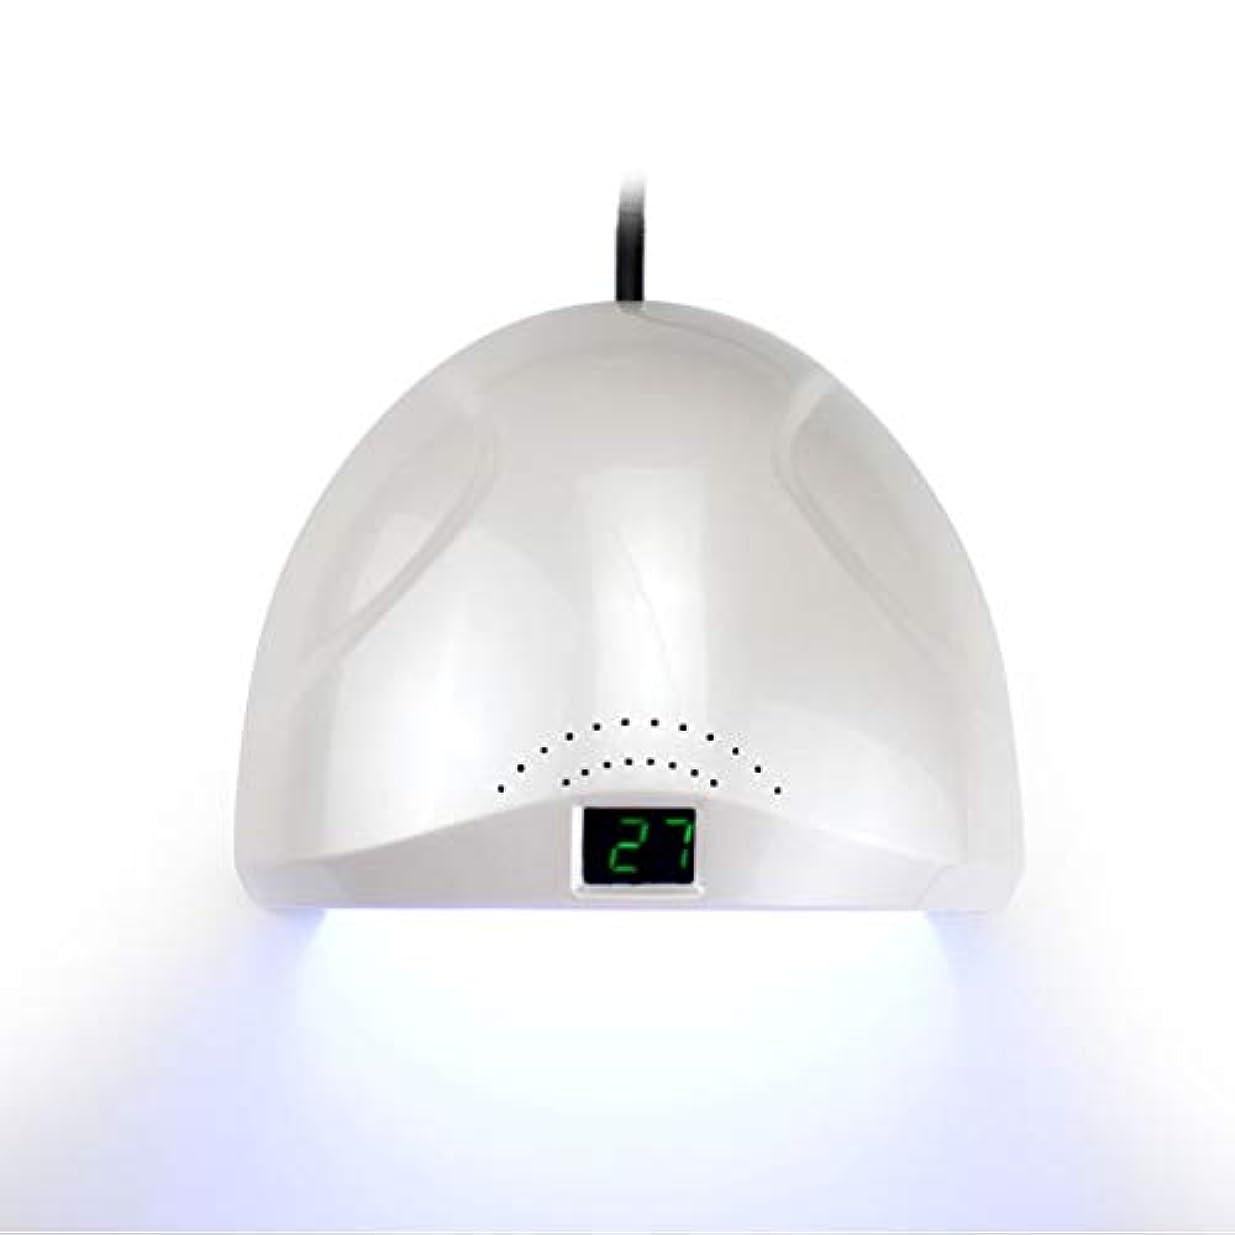 どれ父方の伝統2速硬化ネイルドライヤー、UV/LEDネイルライト、ネイルジェル硬化ライト、液晶ディスプレイ、ジェルネイル用、ネイルサロンツール、黒手なし